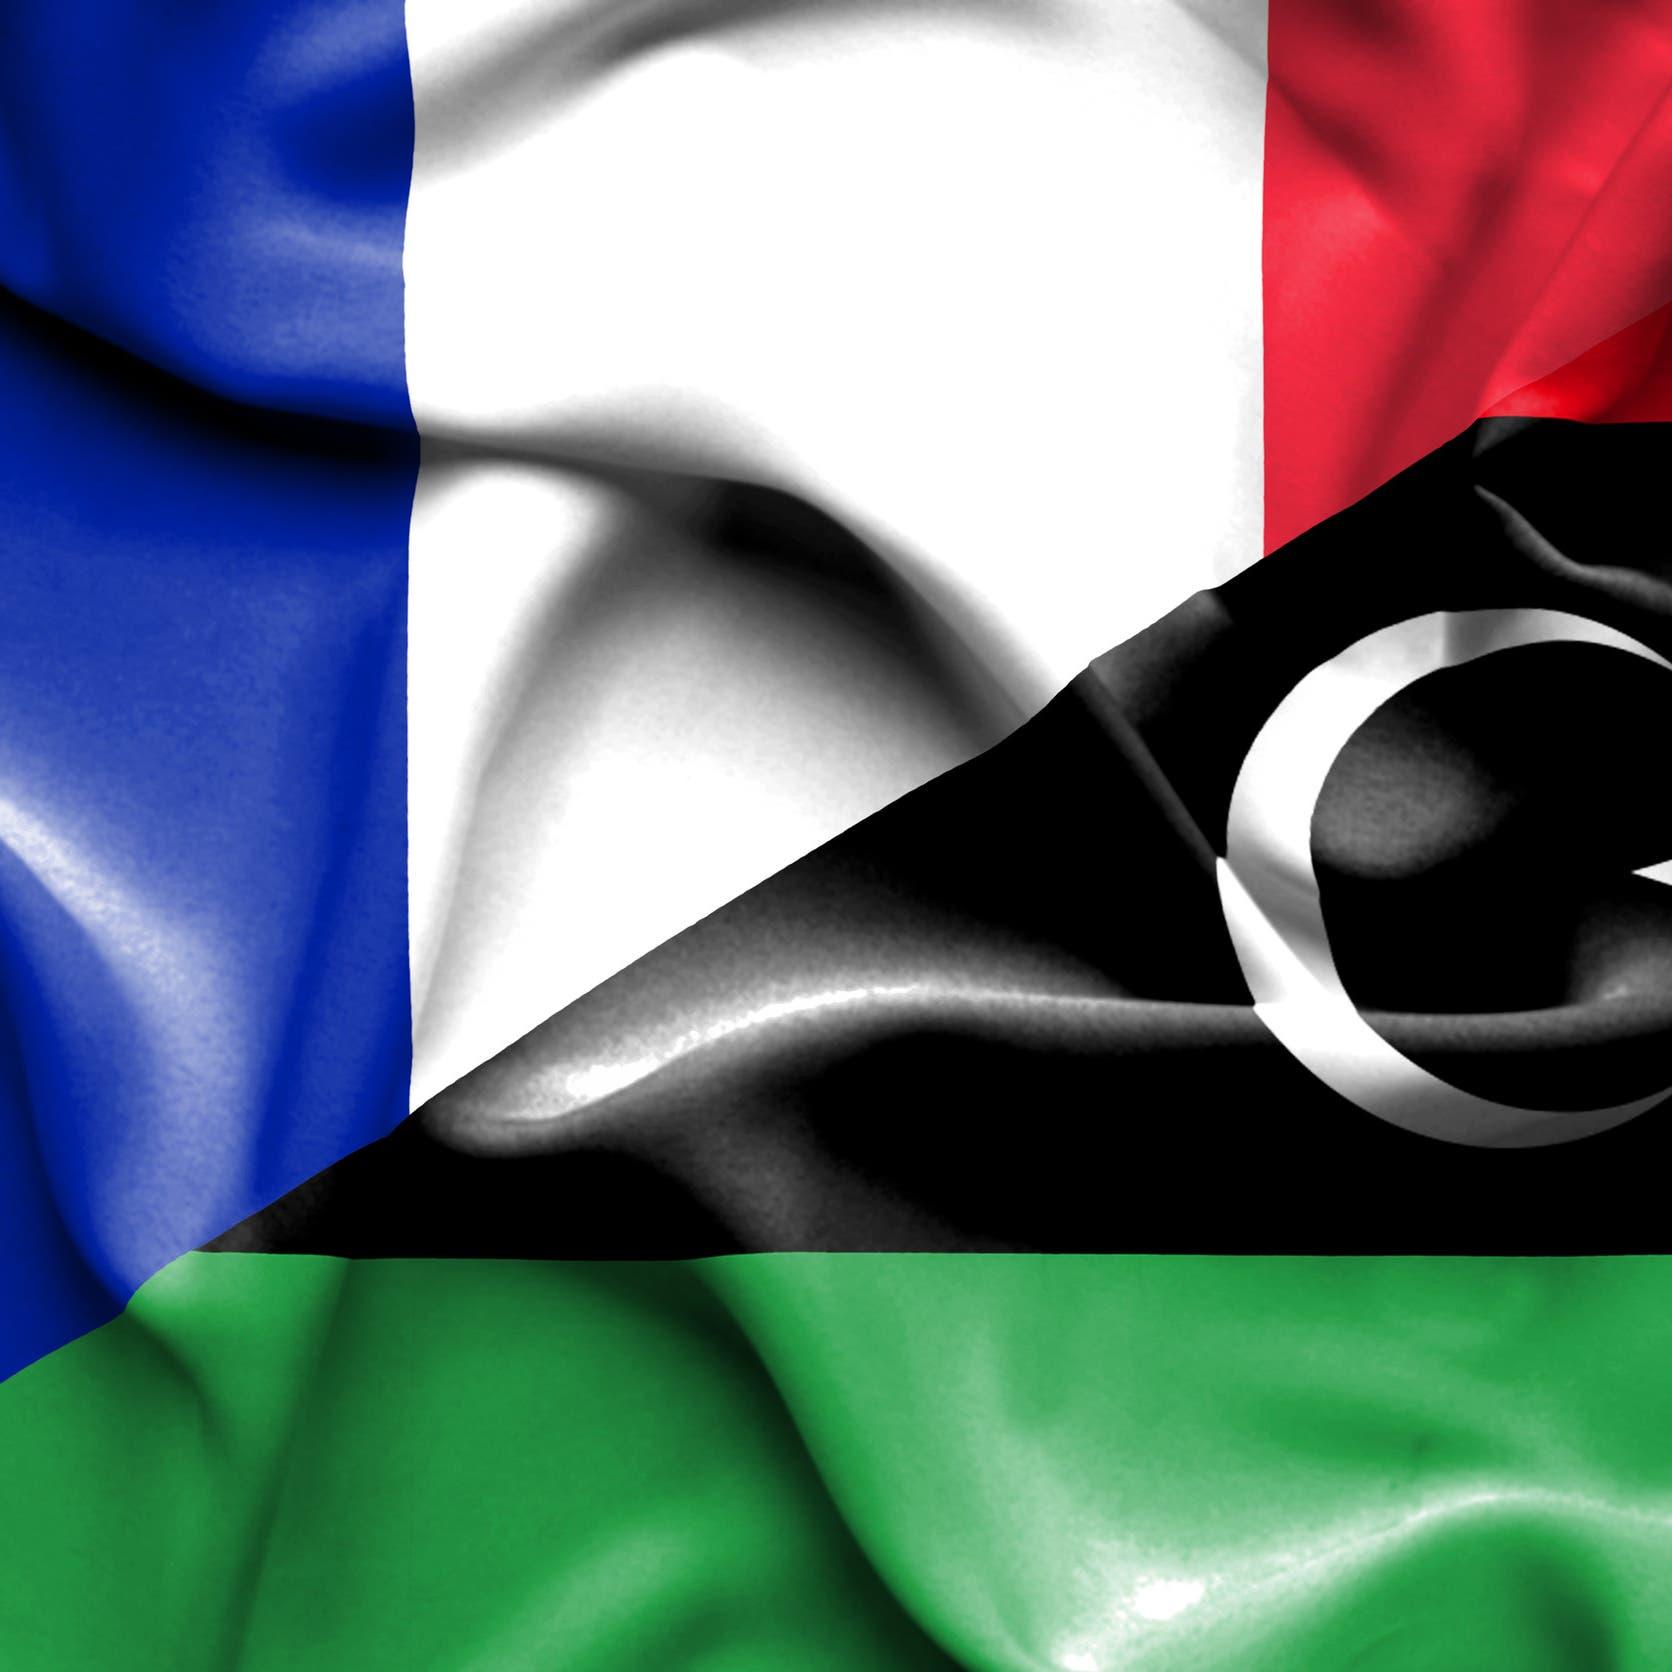 فرنسا: مغادرة المرتزقة ليبيا ستعزز العملية السياسية الهشة